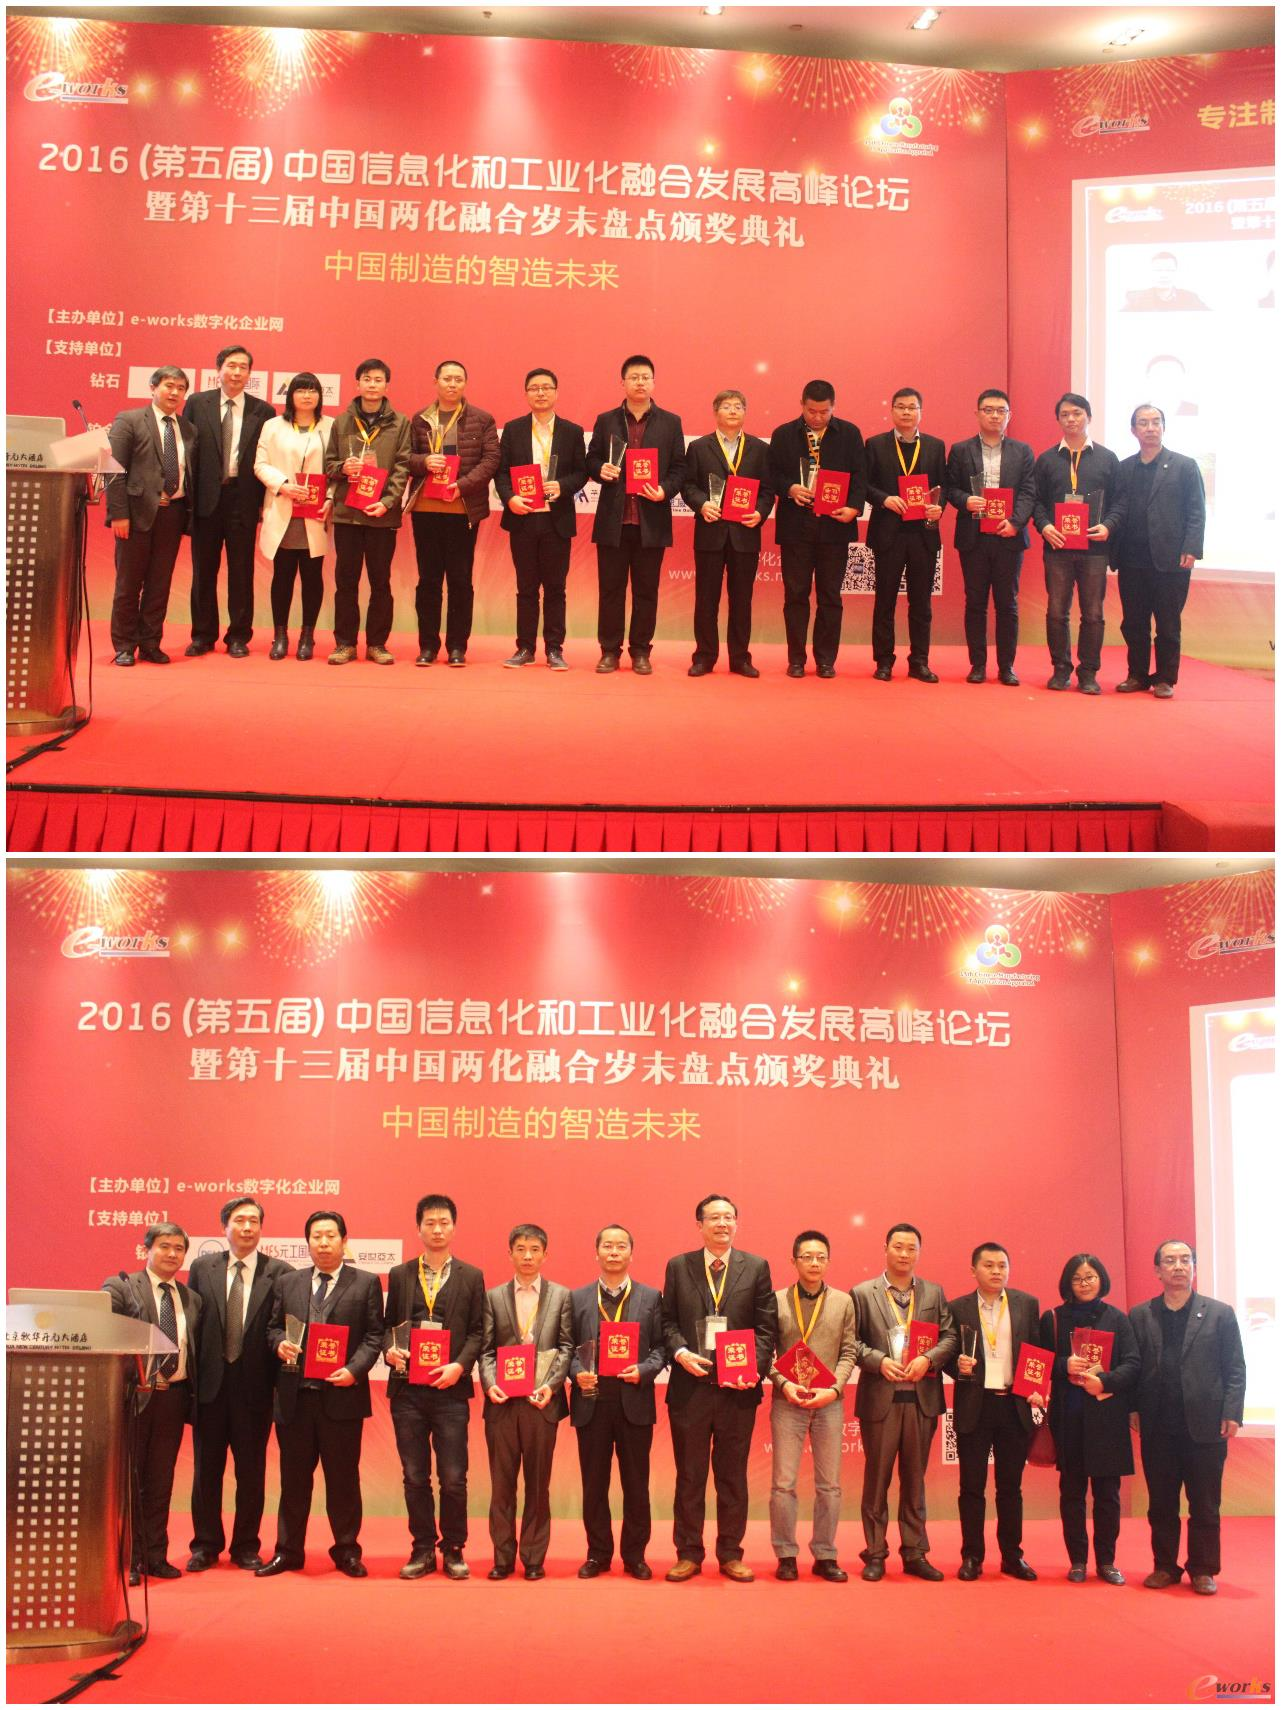 图1 2015年度中国制造业杰出CIO获奖者